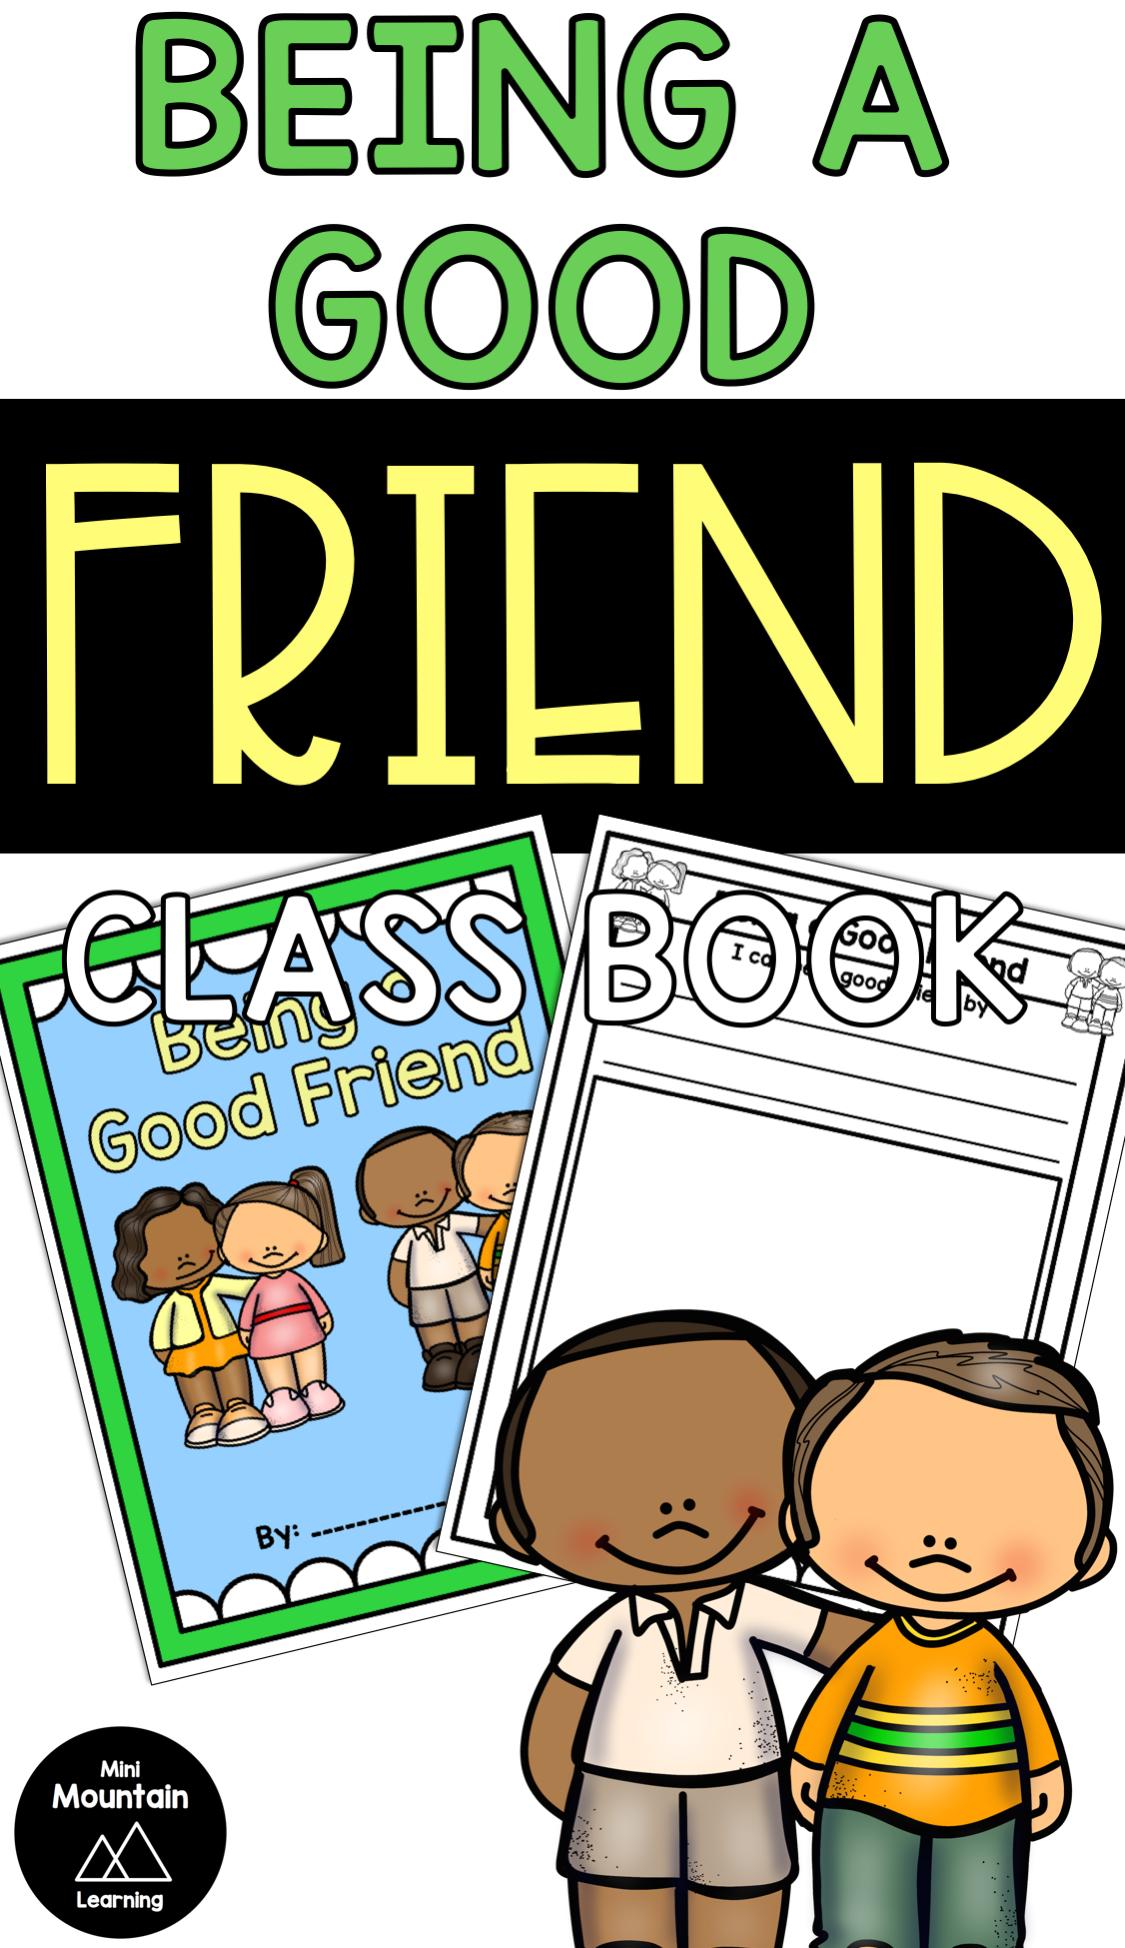 Being A Good Friend Class Book